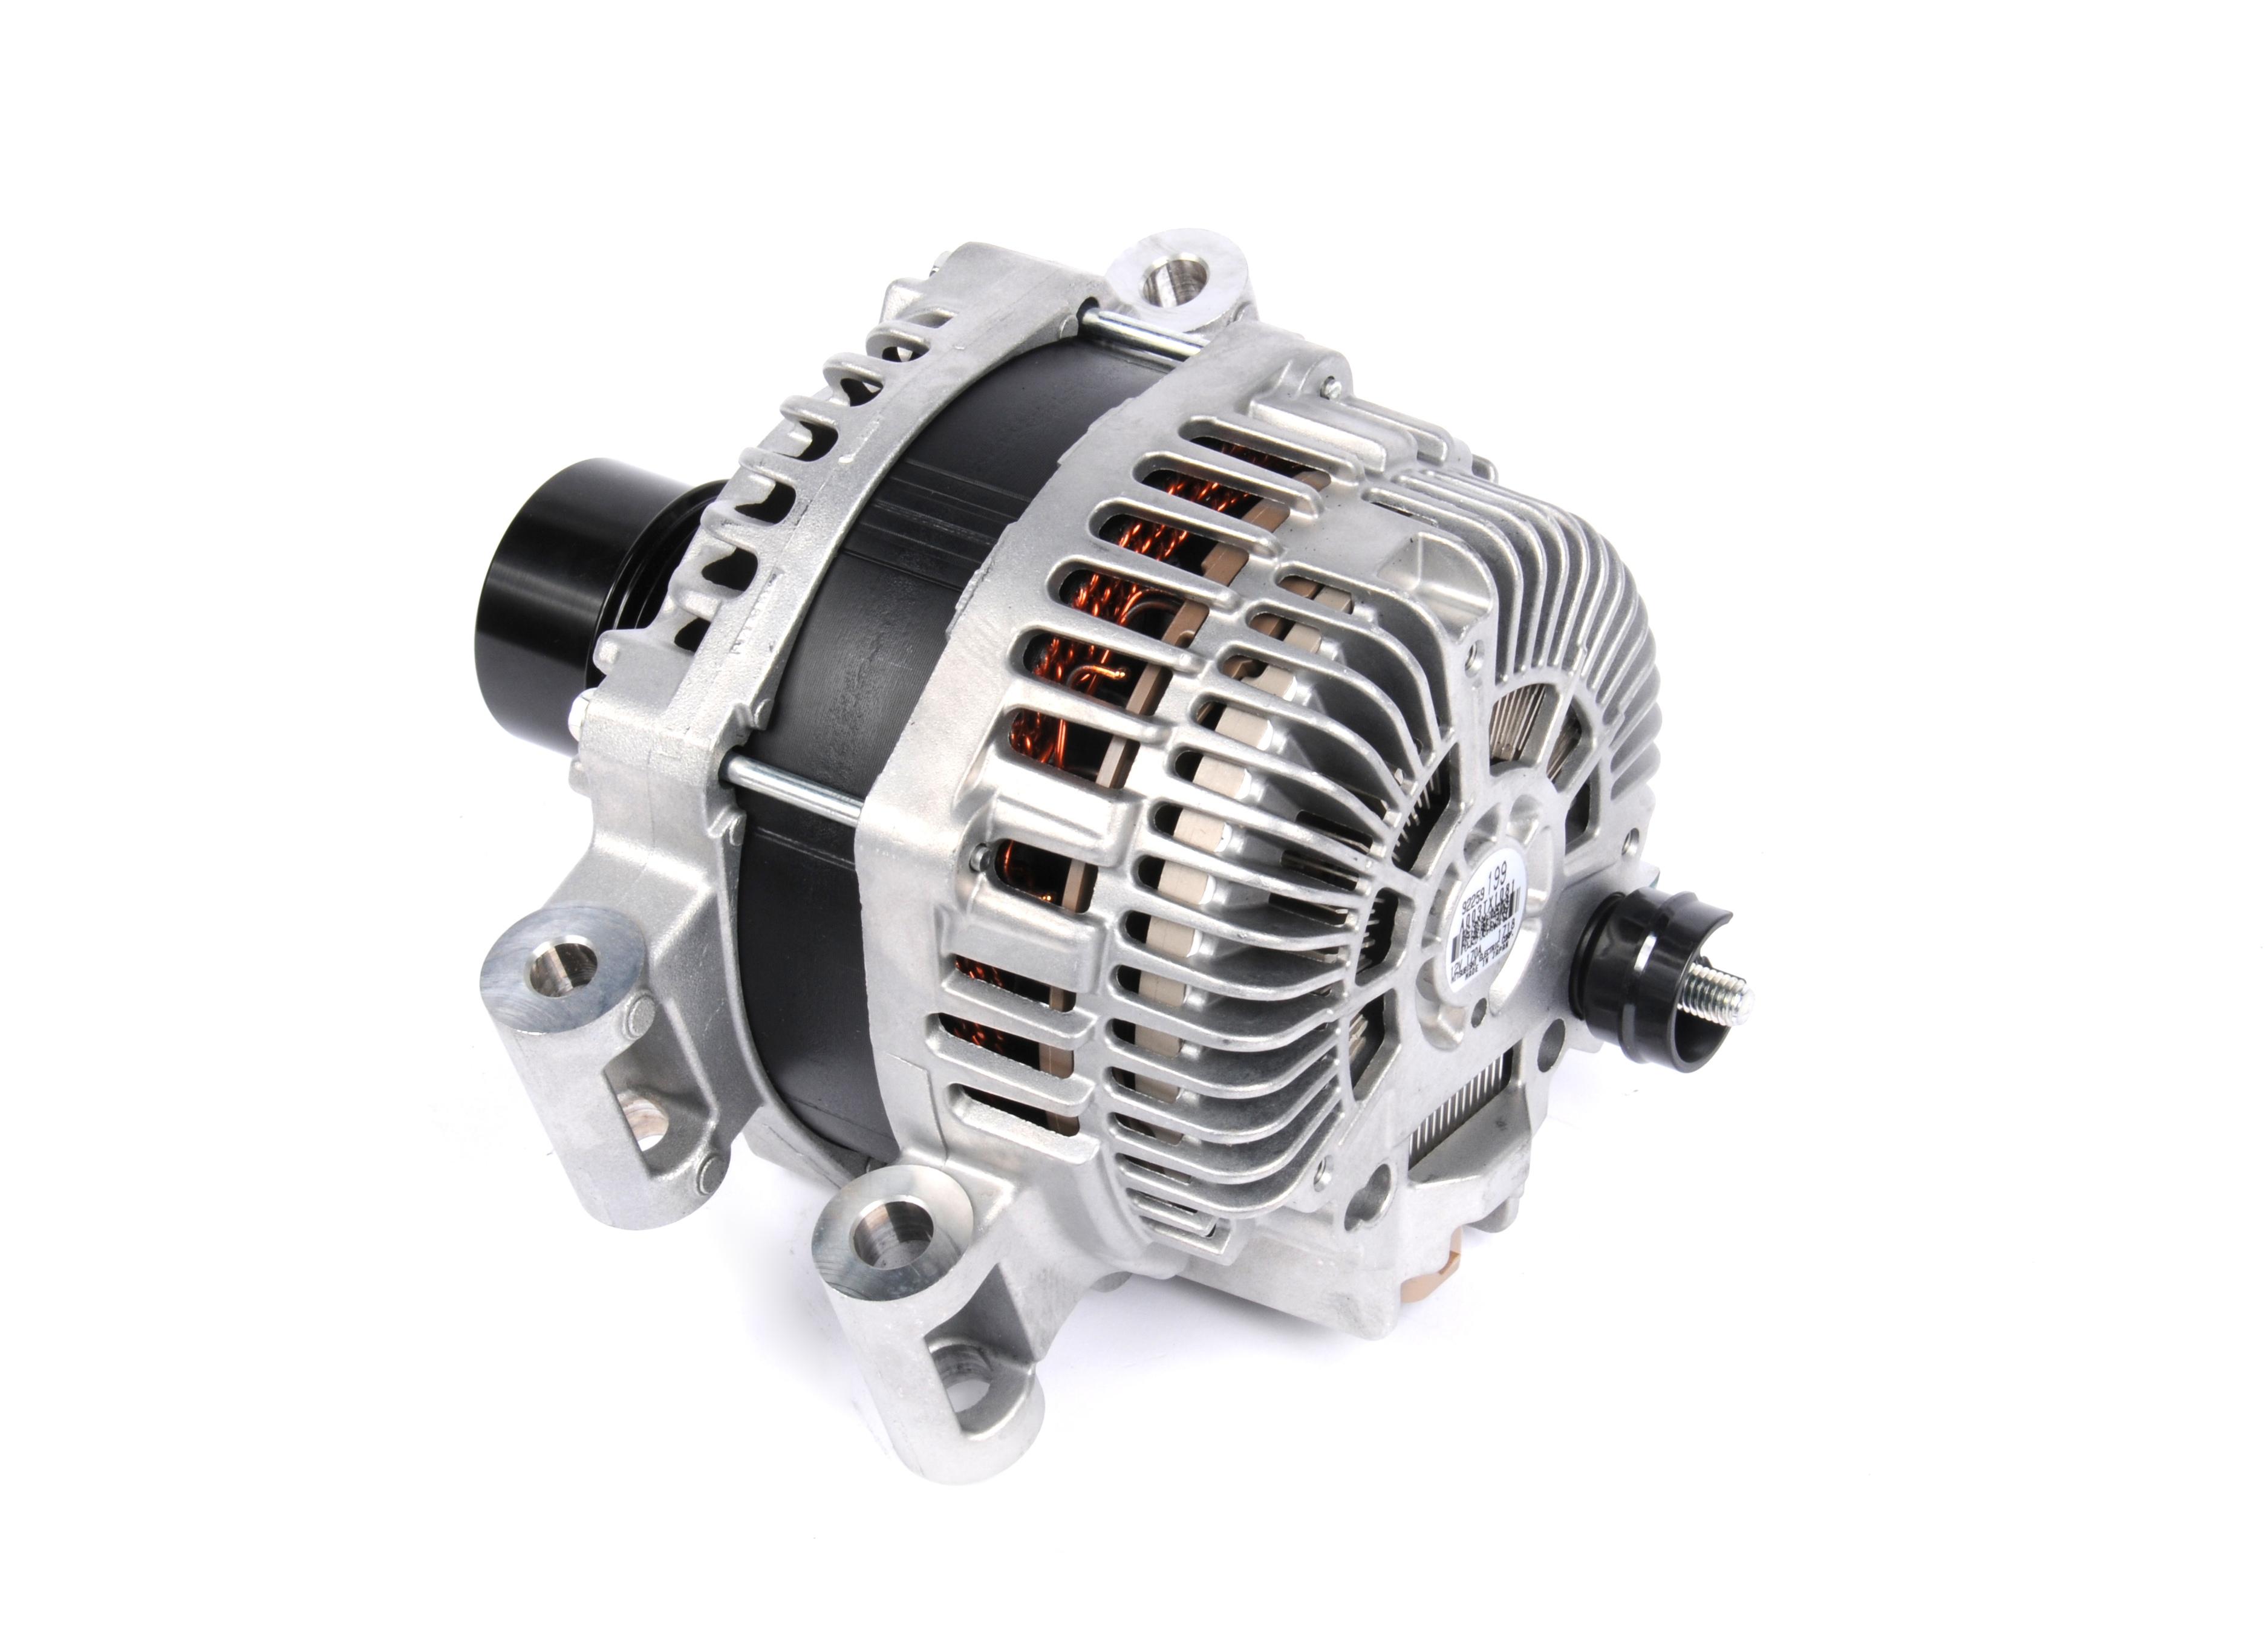 ACDELCO GM ORIGINAL EQUIPMENT - Alternator - DCB 92259199